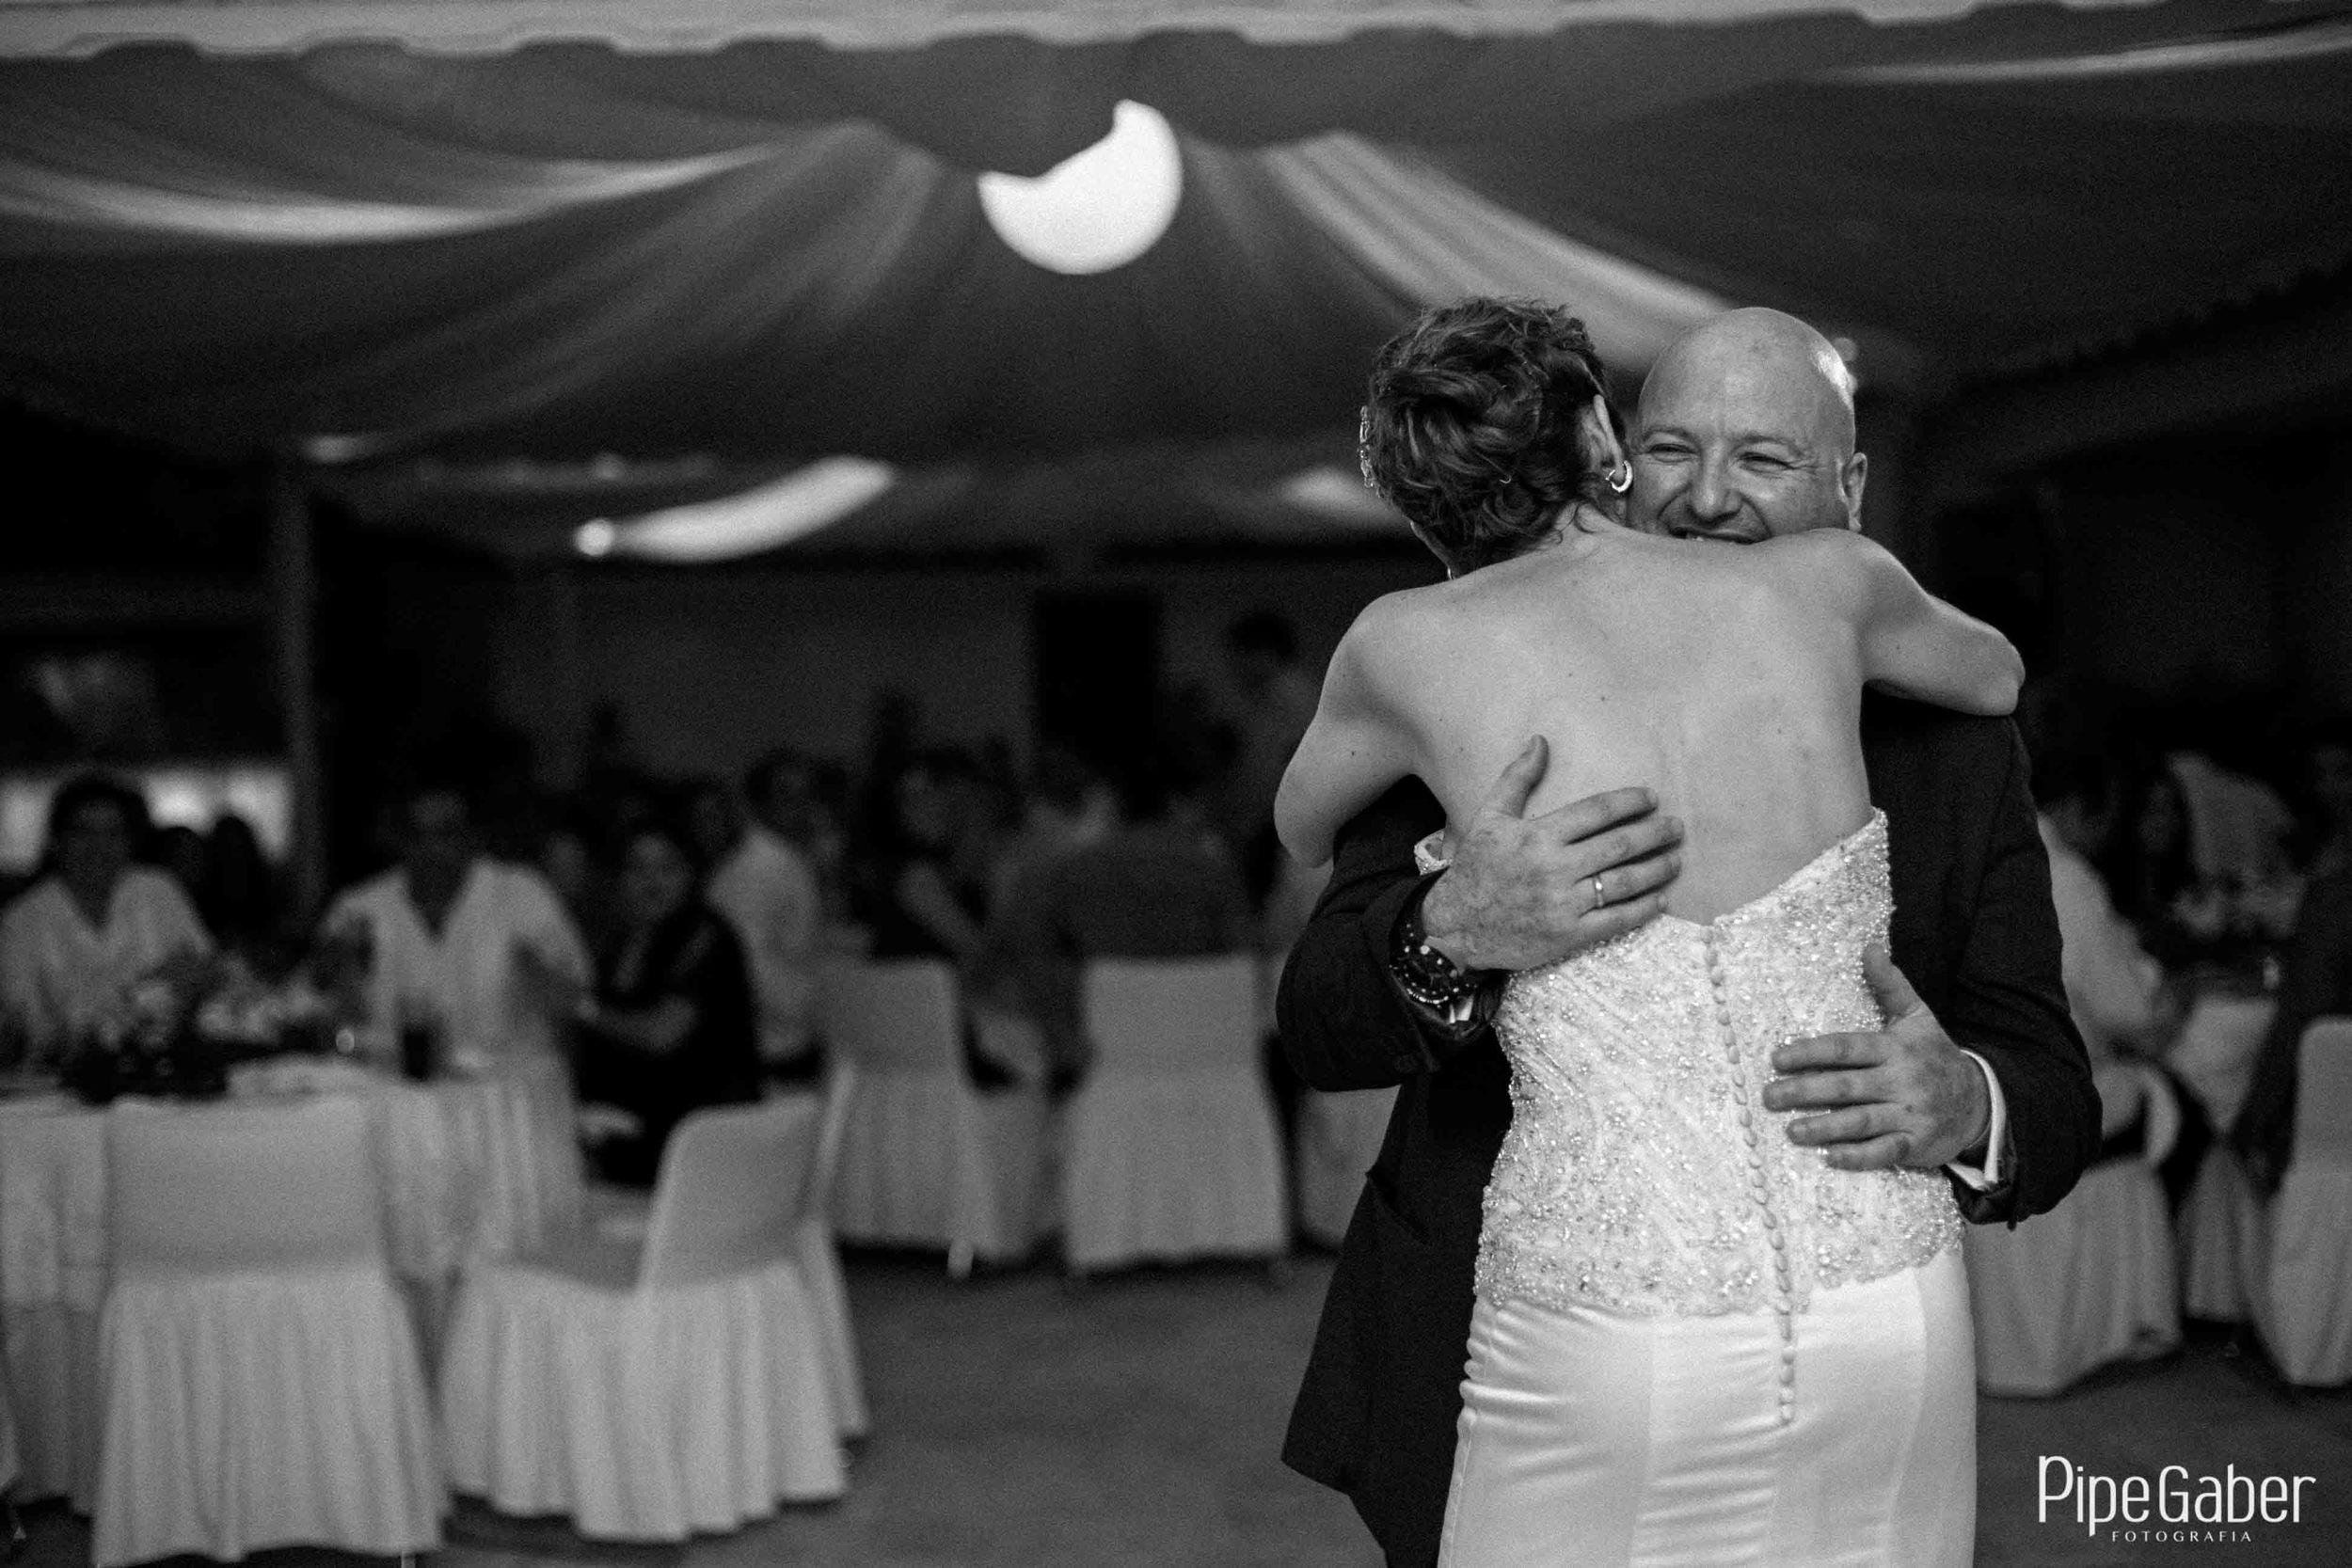 pipe_fotografo_yucatan_merida_boda_wedding_los_aluxes_hotel_photography_08.jpg